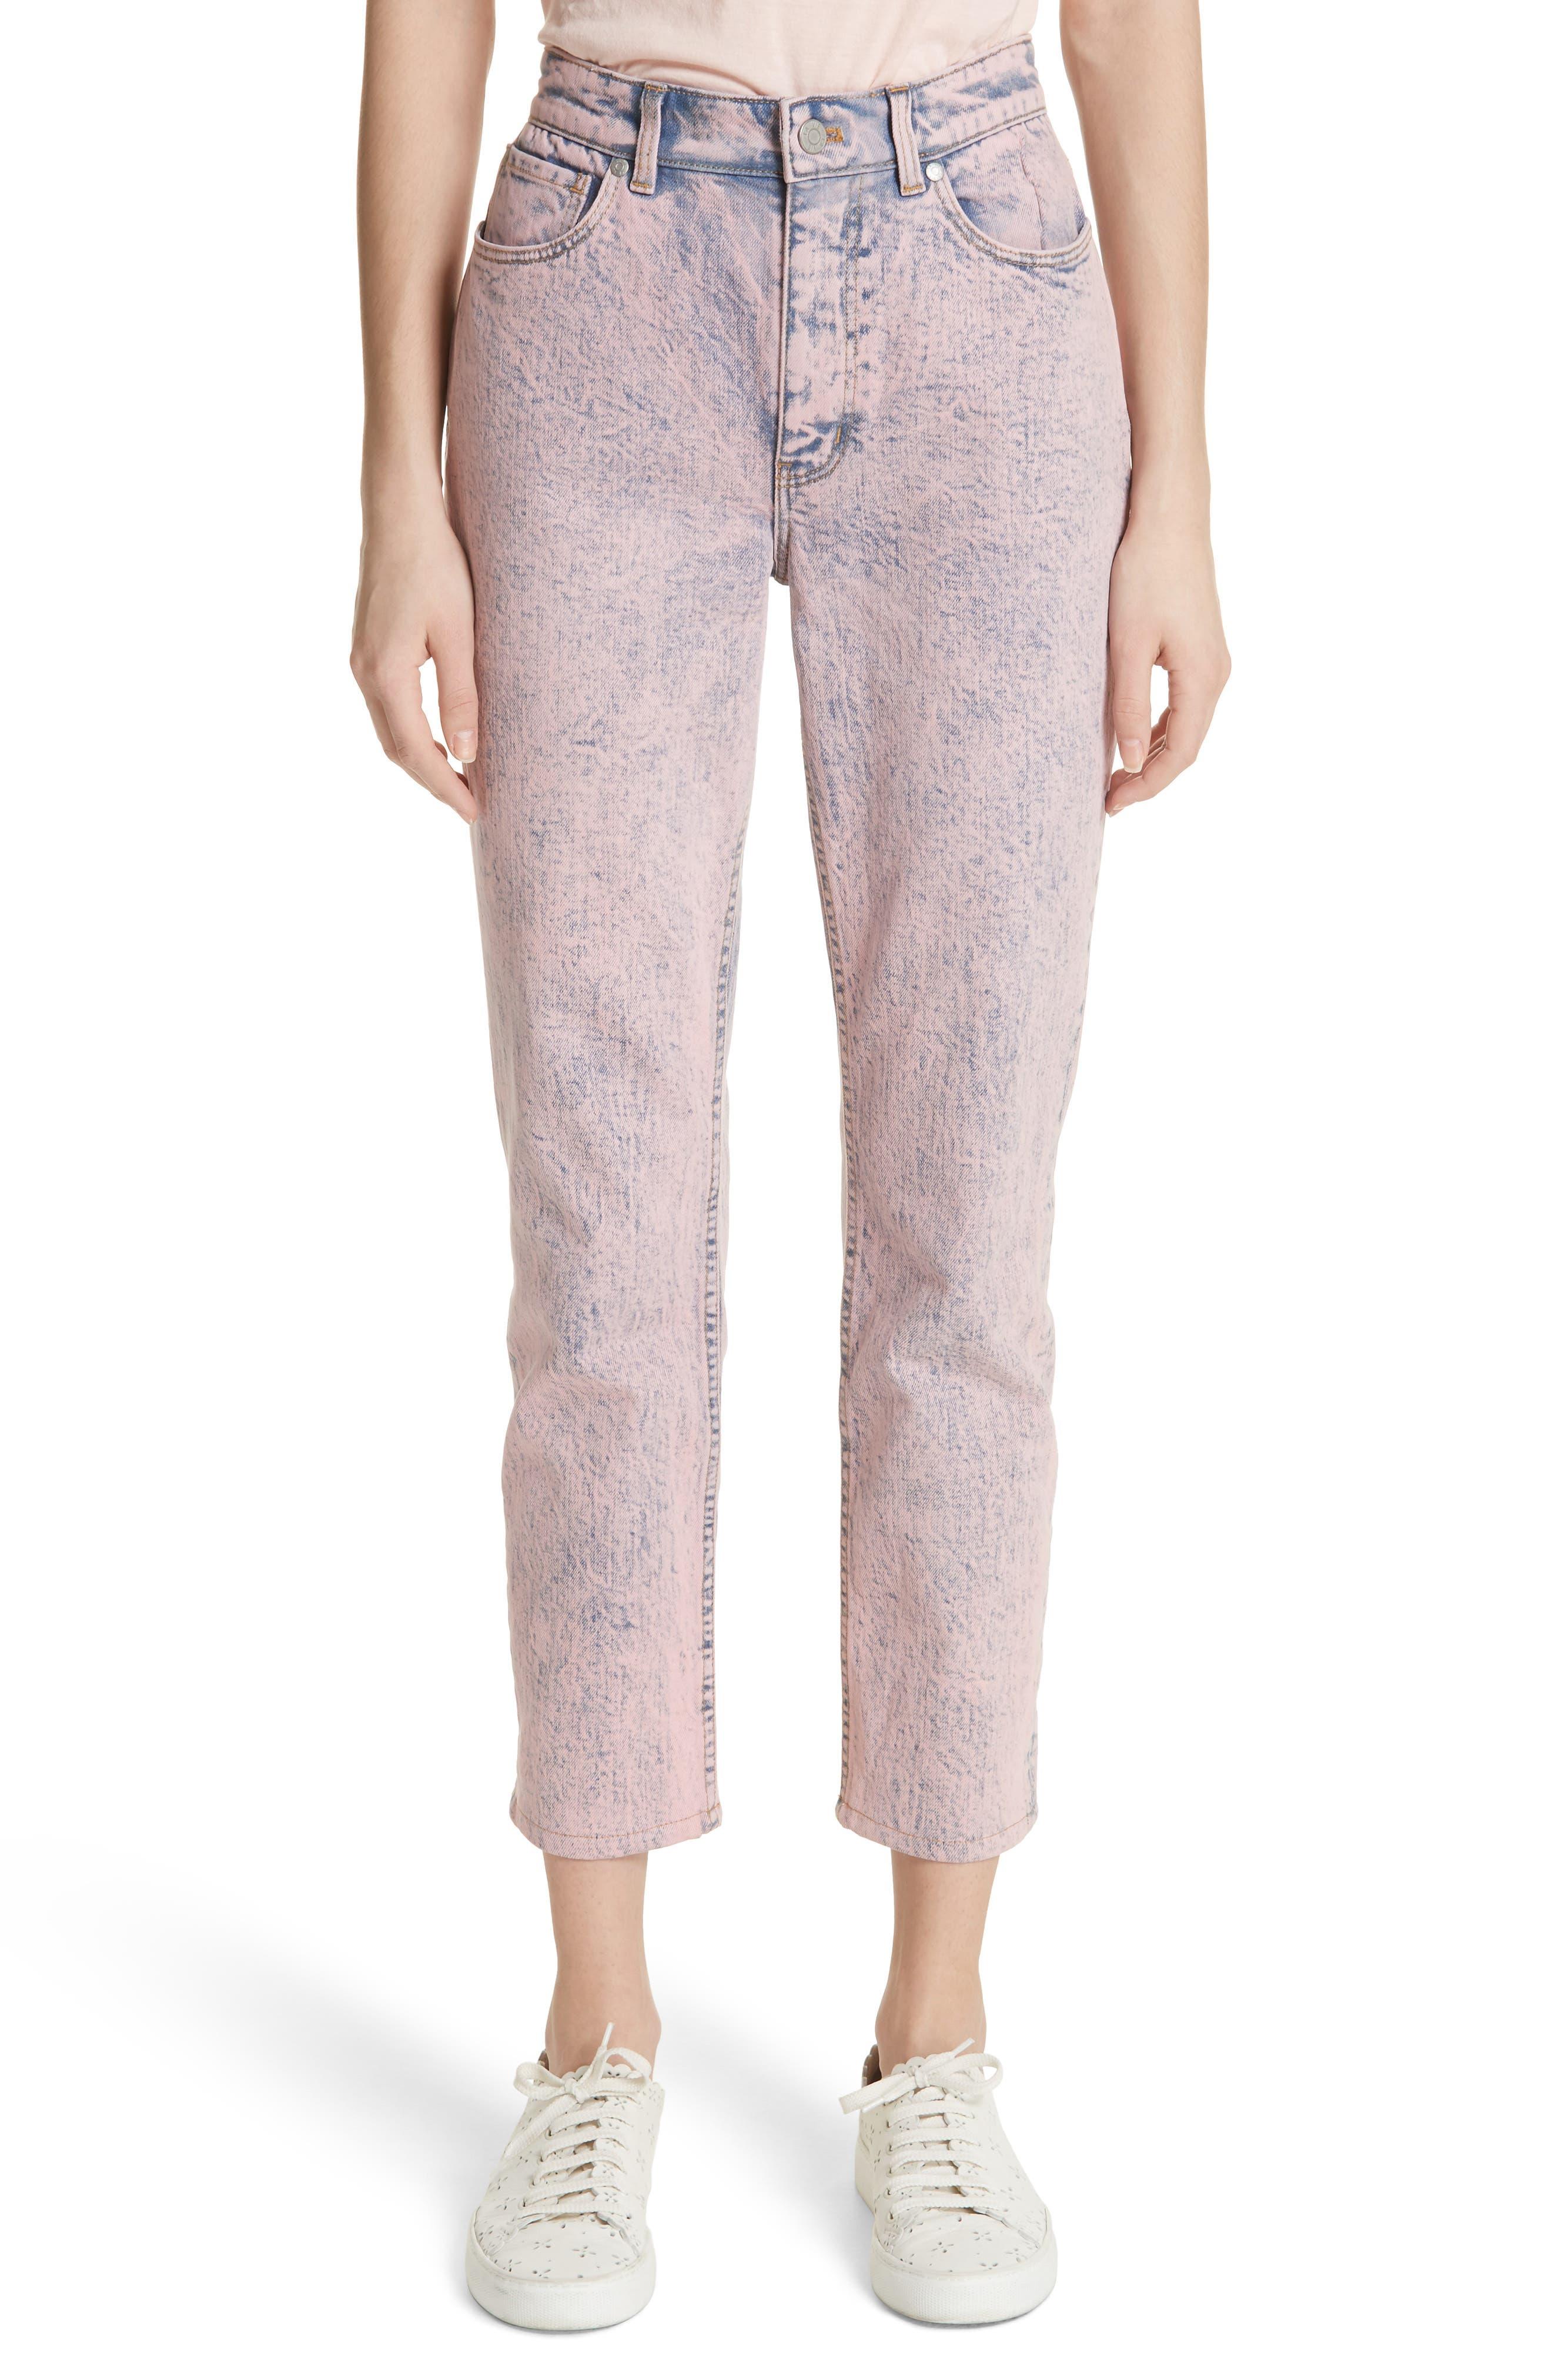 La Vie Rebecca Taylor Ines Acid Wash Crop Jeans